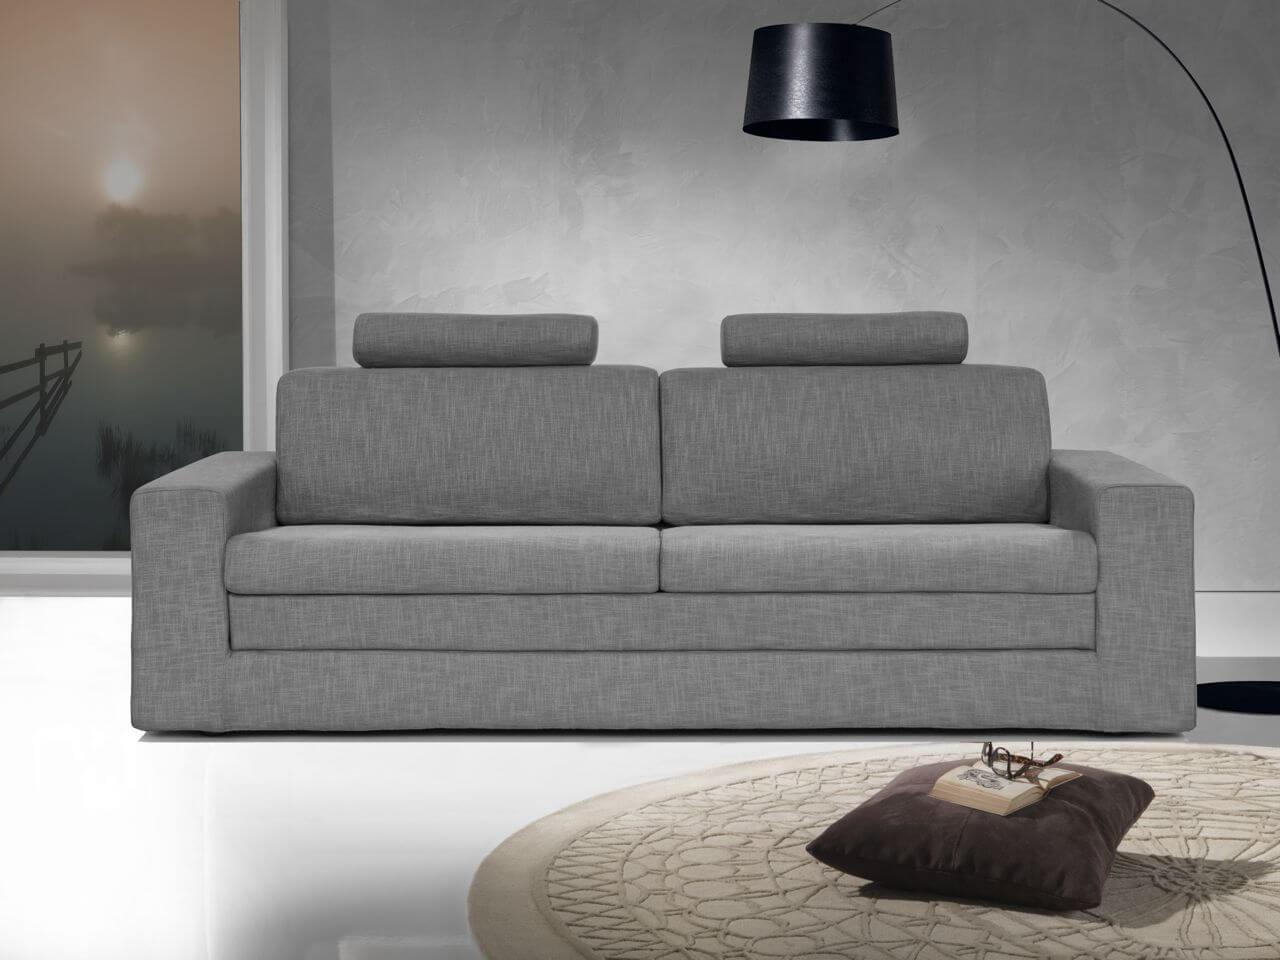 Divano letto modello milano girevole singolo arredamento for Arredamento divani